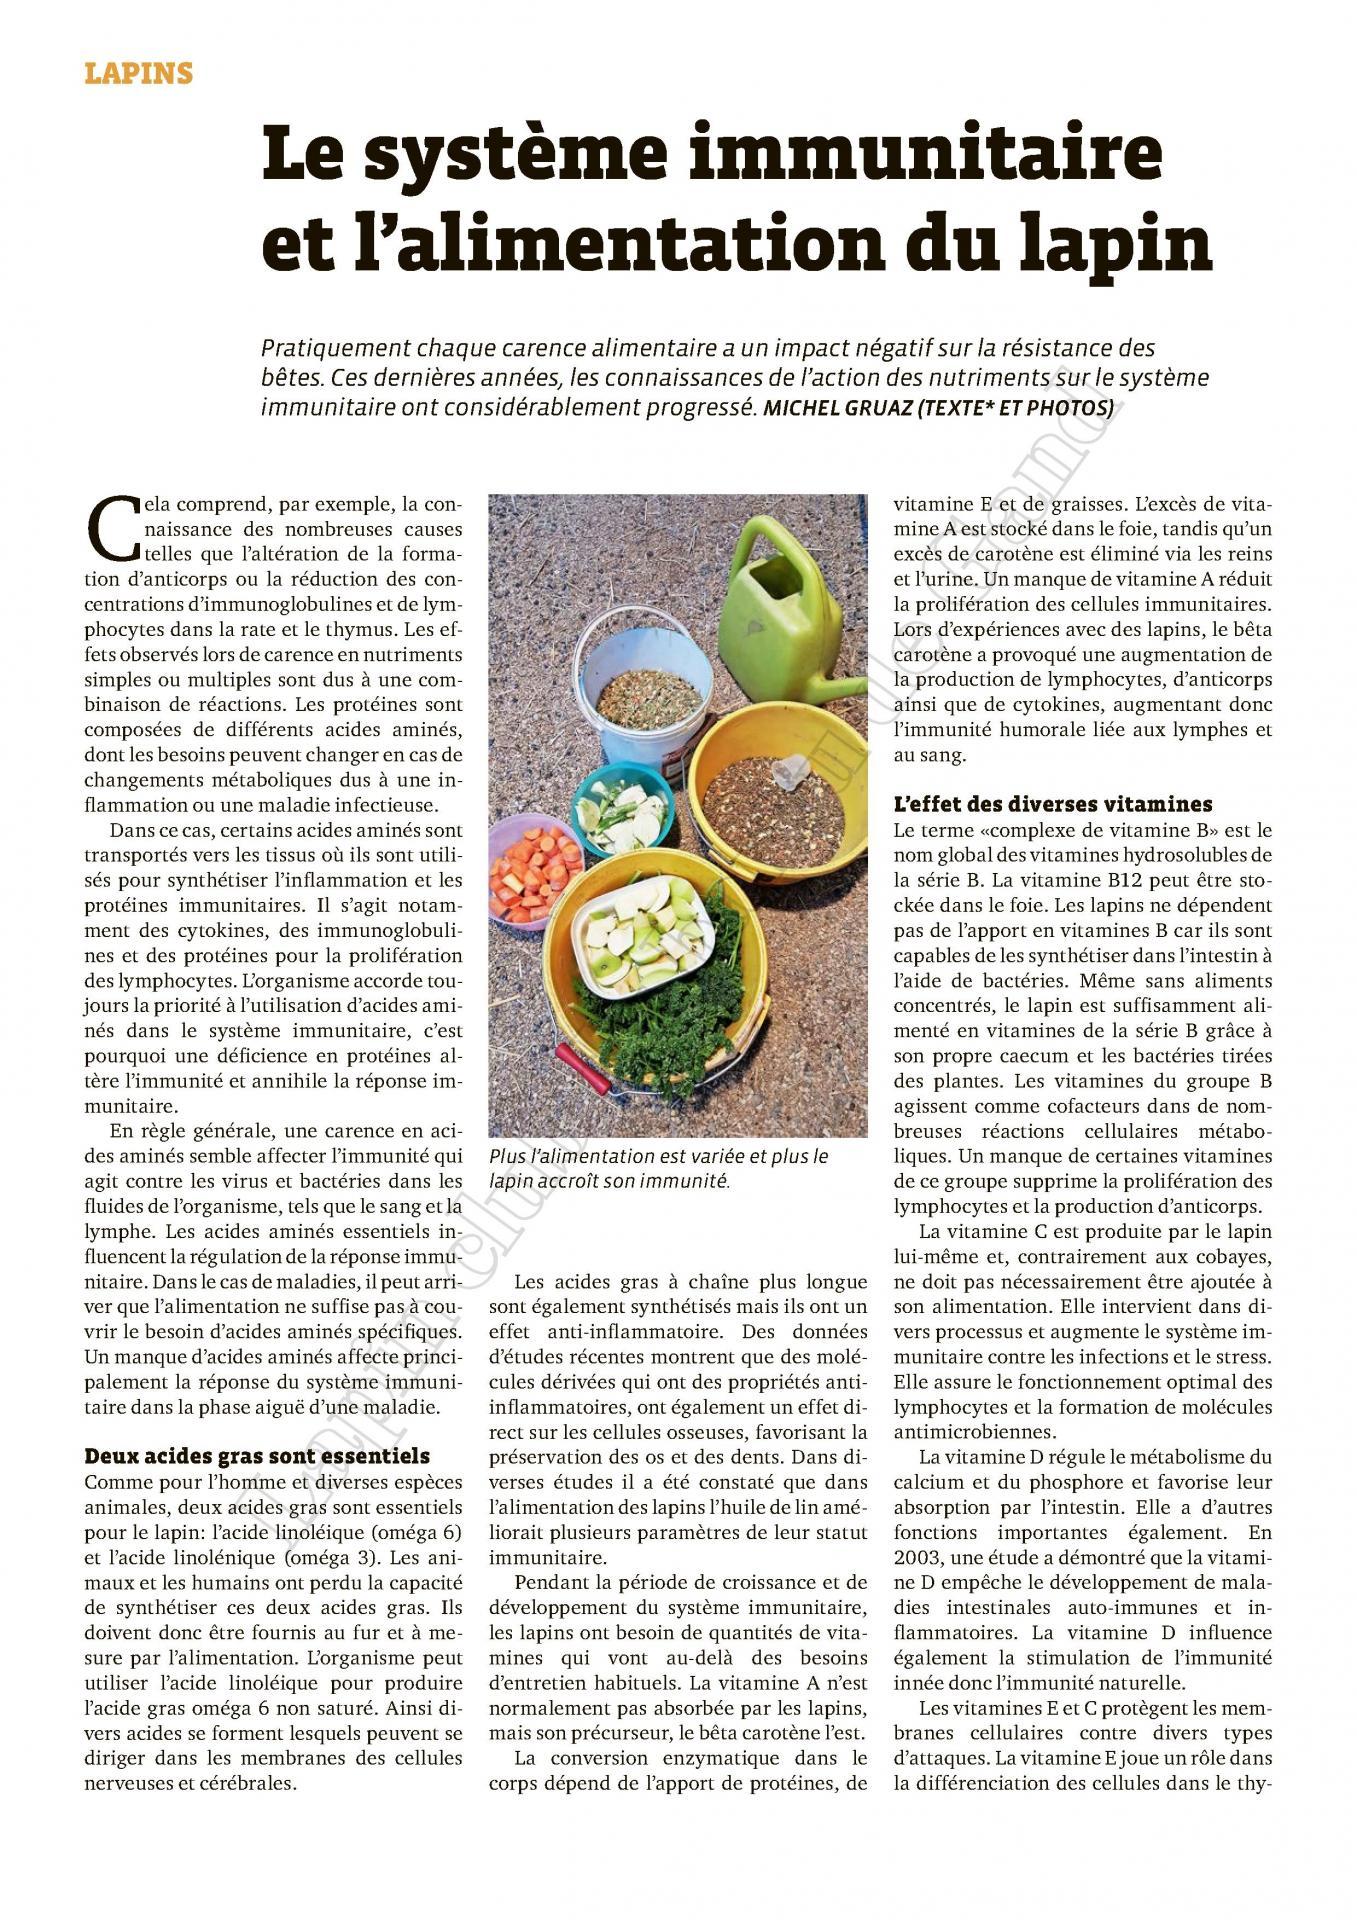 Le systeme immunitaire et l alimentation du lapin 1